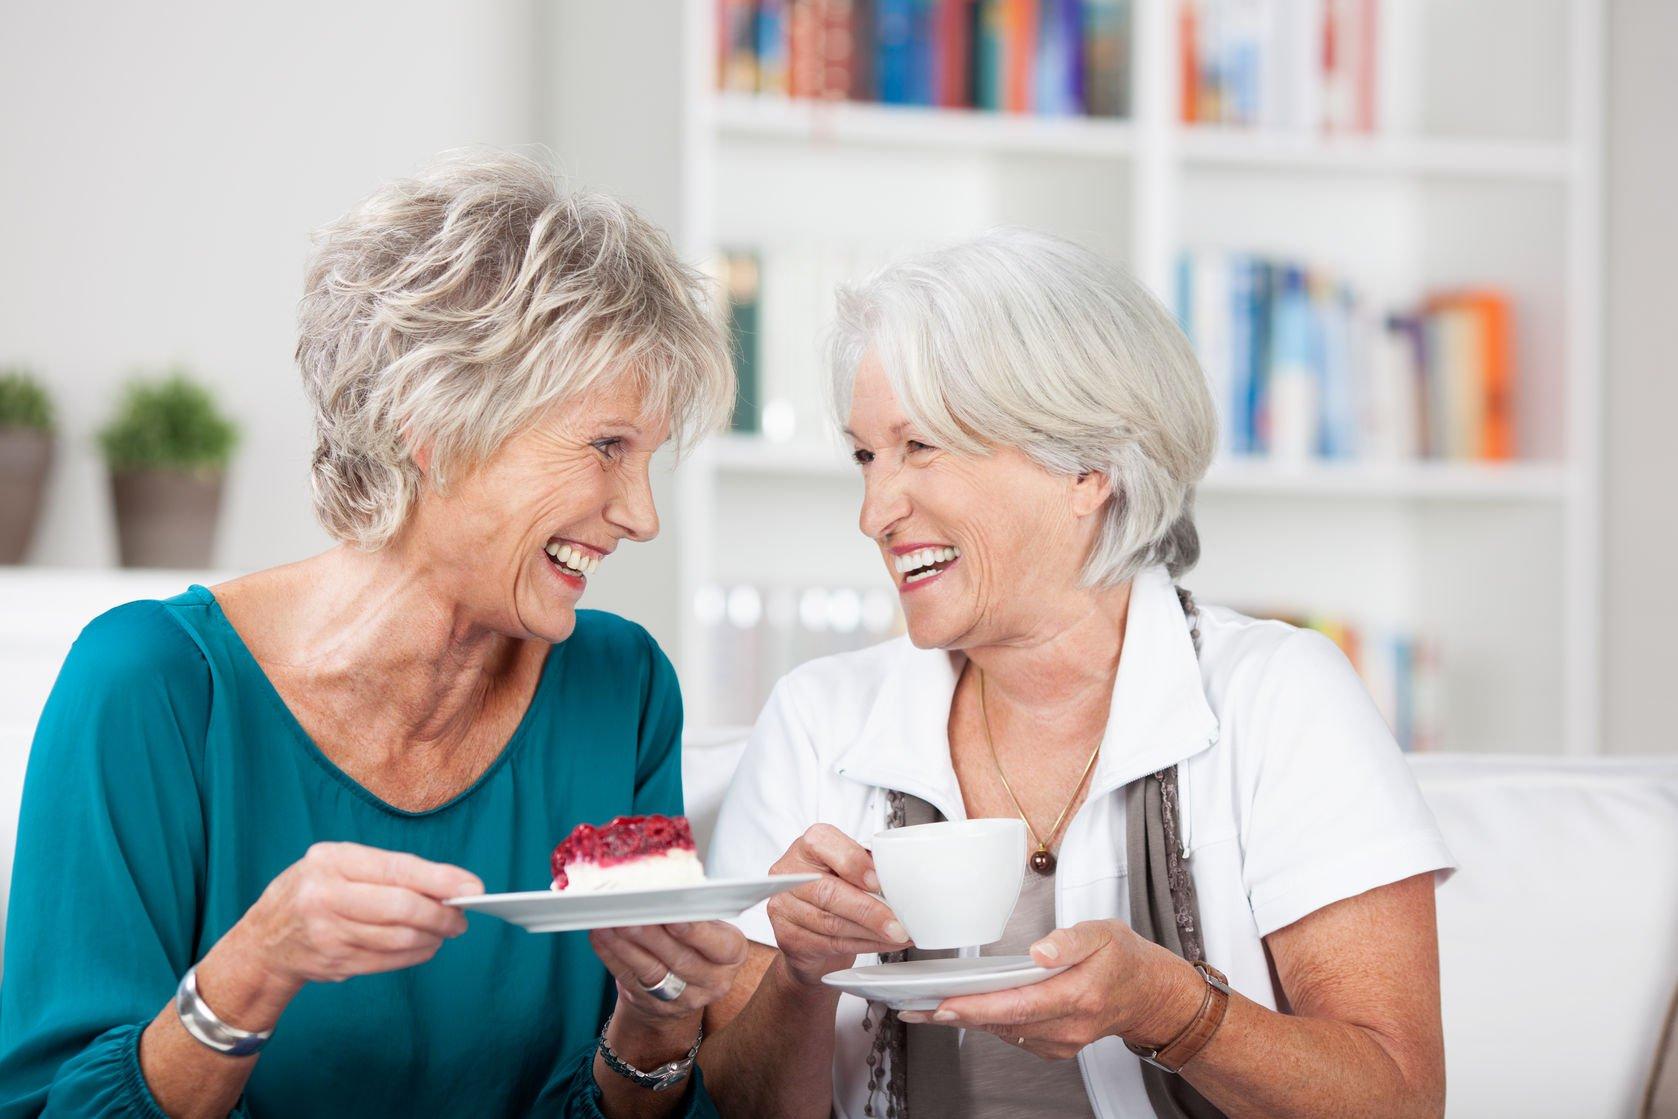 Ученые: Чем больше друзей, тем менее стареет мозг